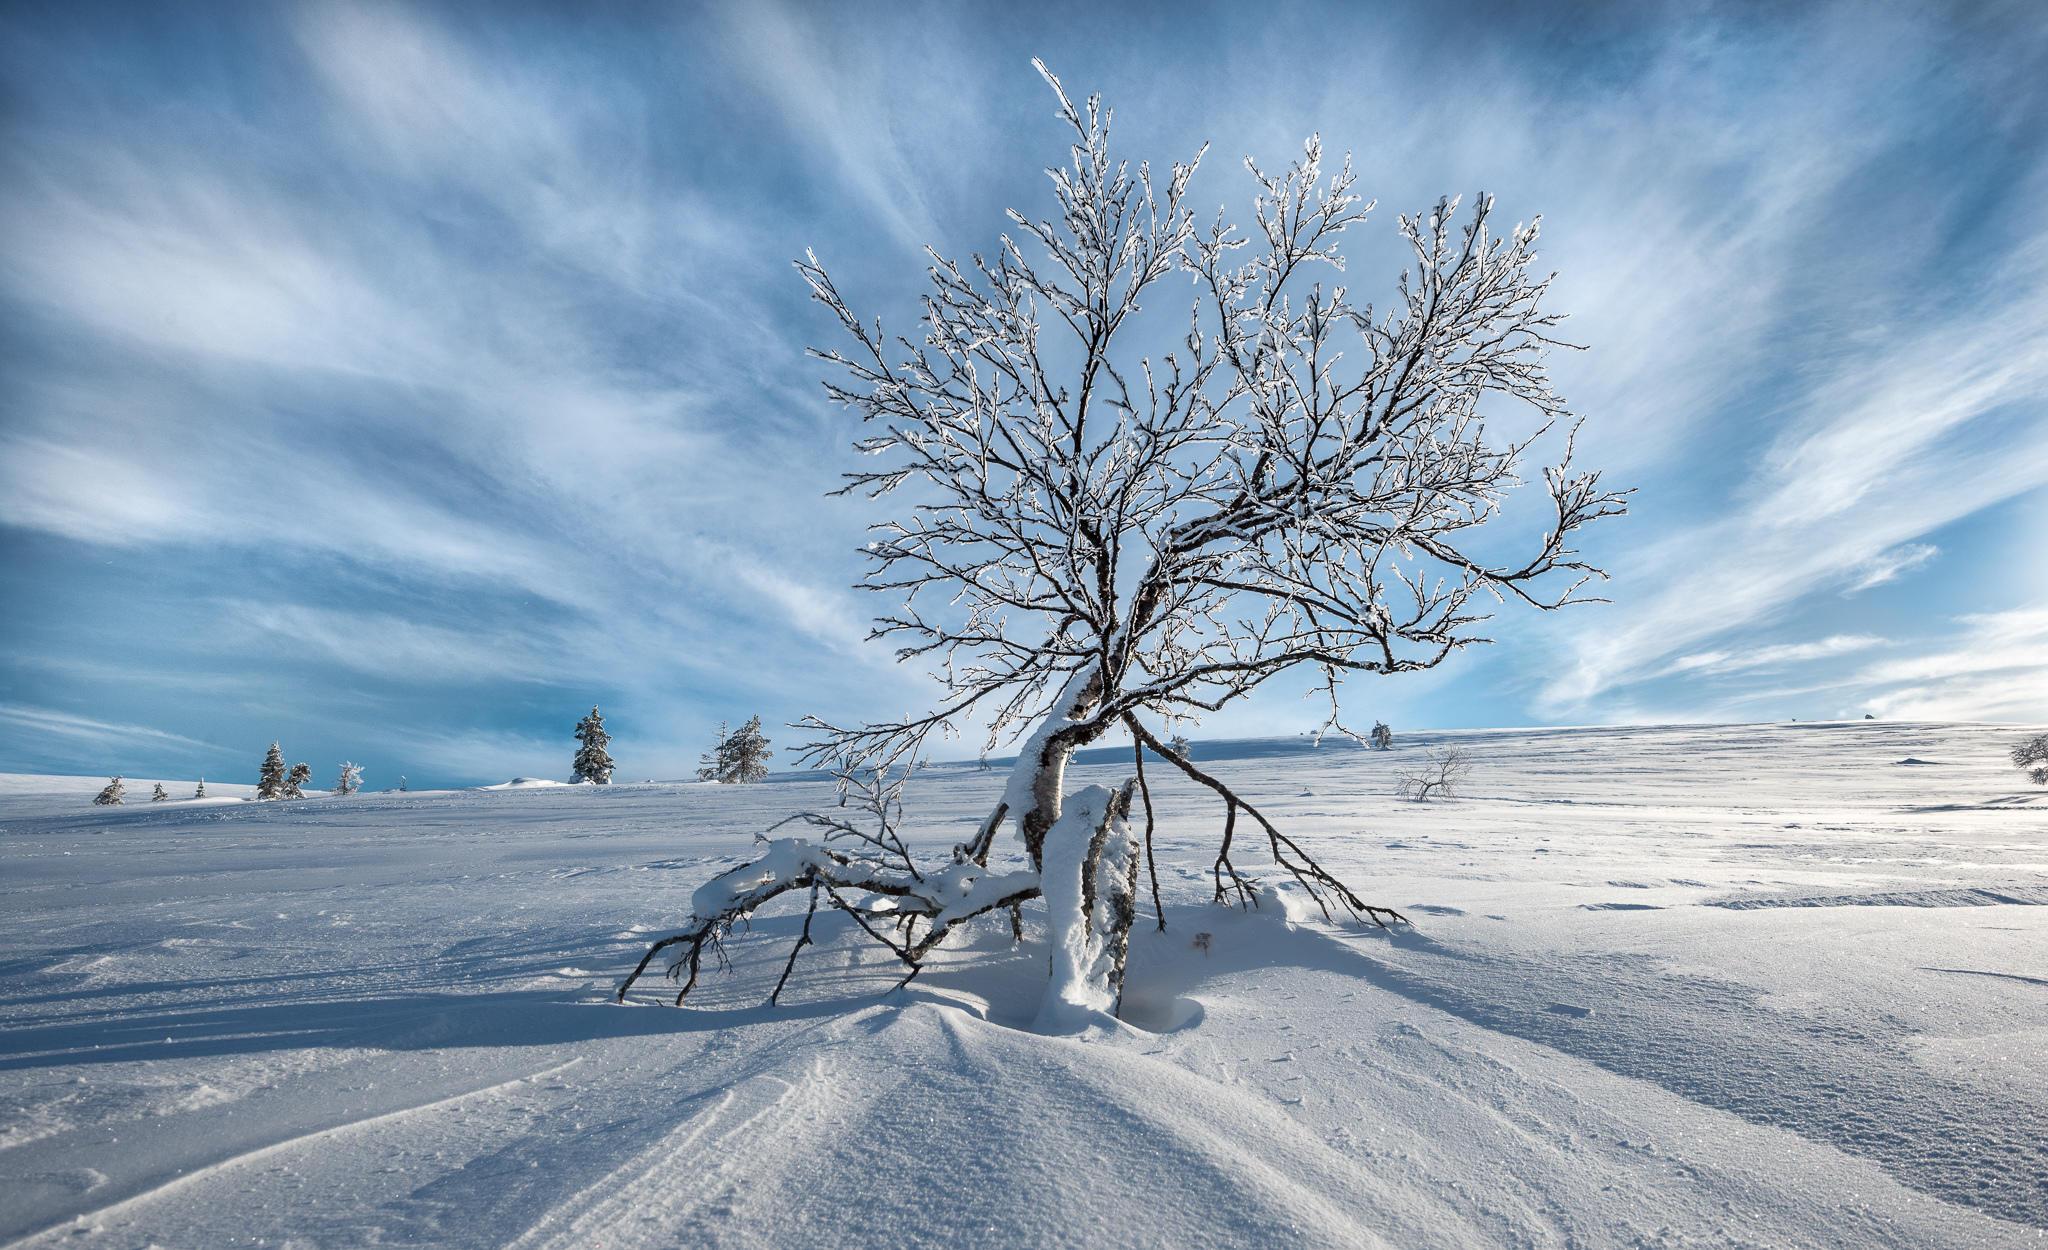 картинки поля в снегу показа гости